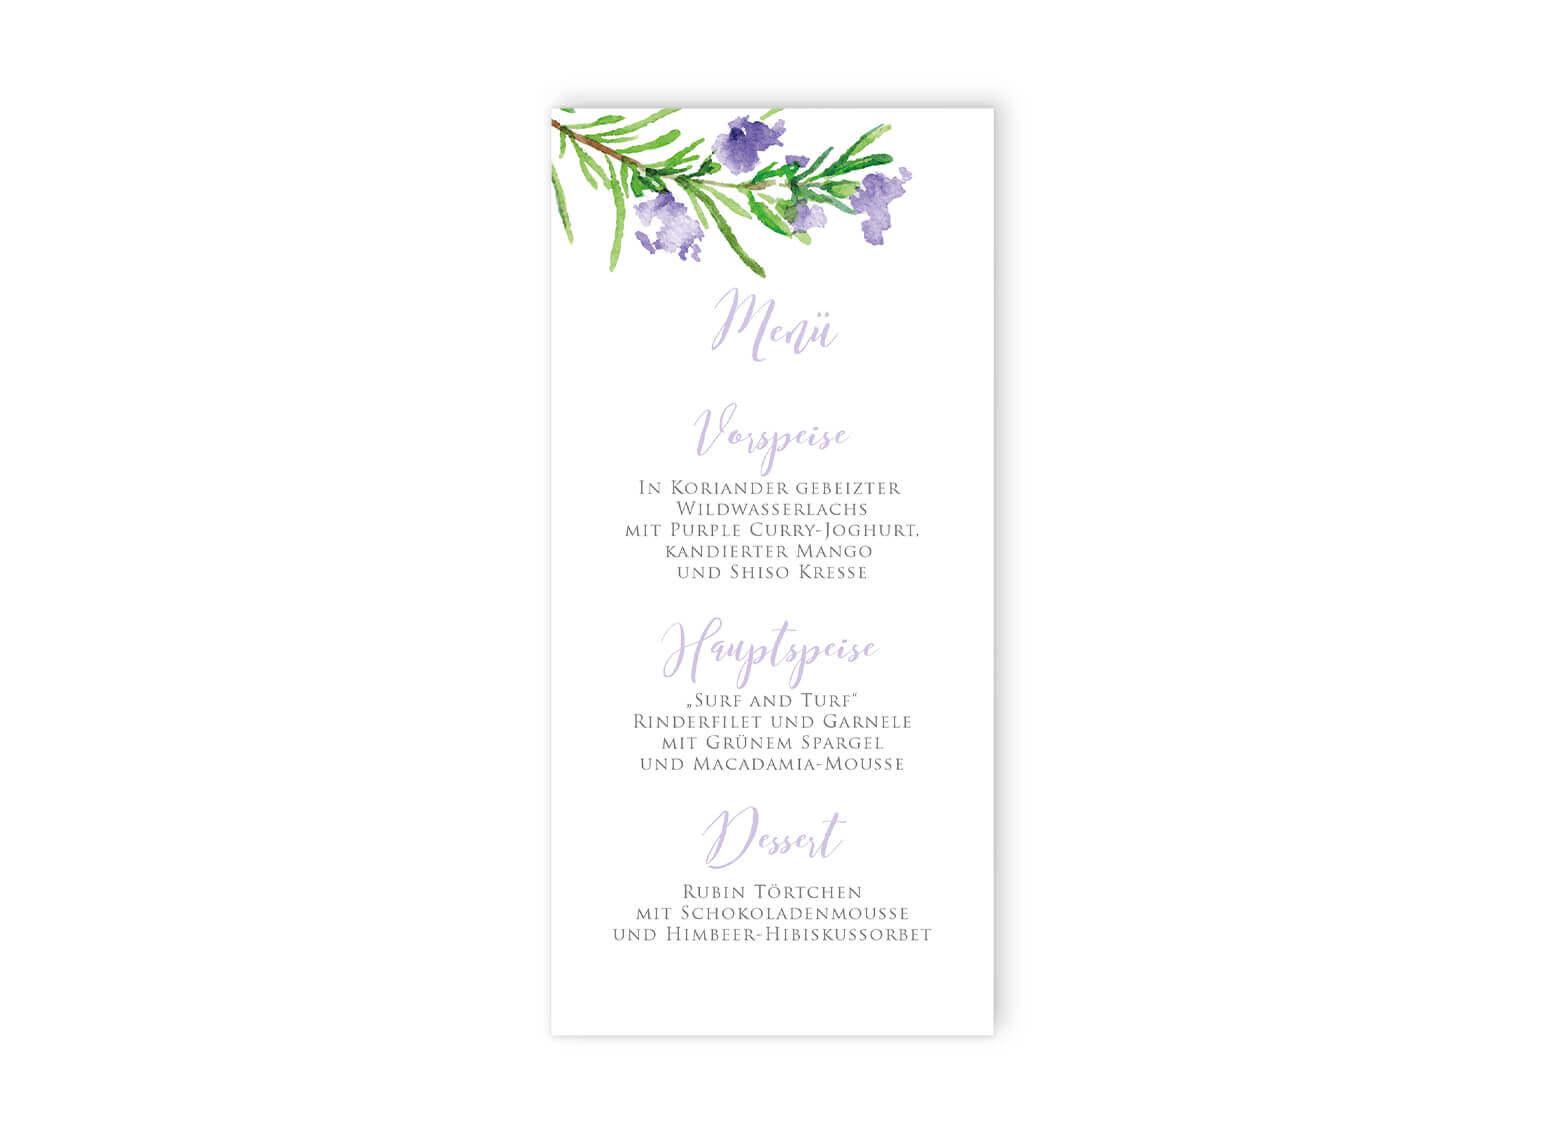 Hochzeitsmenükarte Rosmarinzweige Aquarell, violett, lila